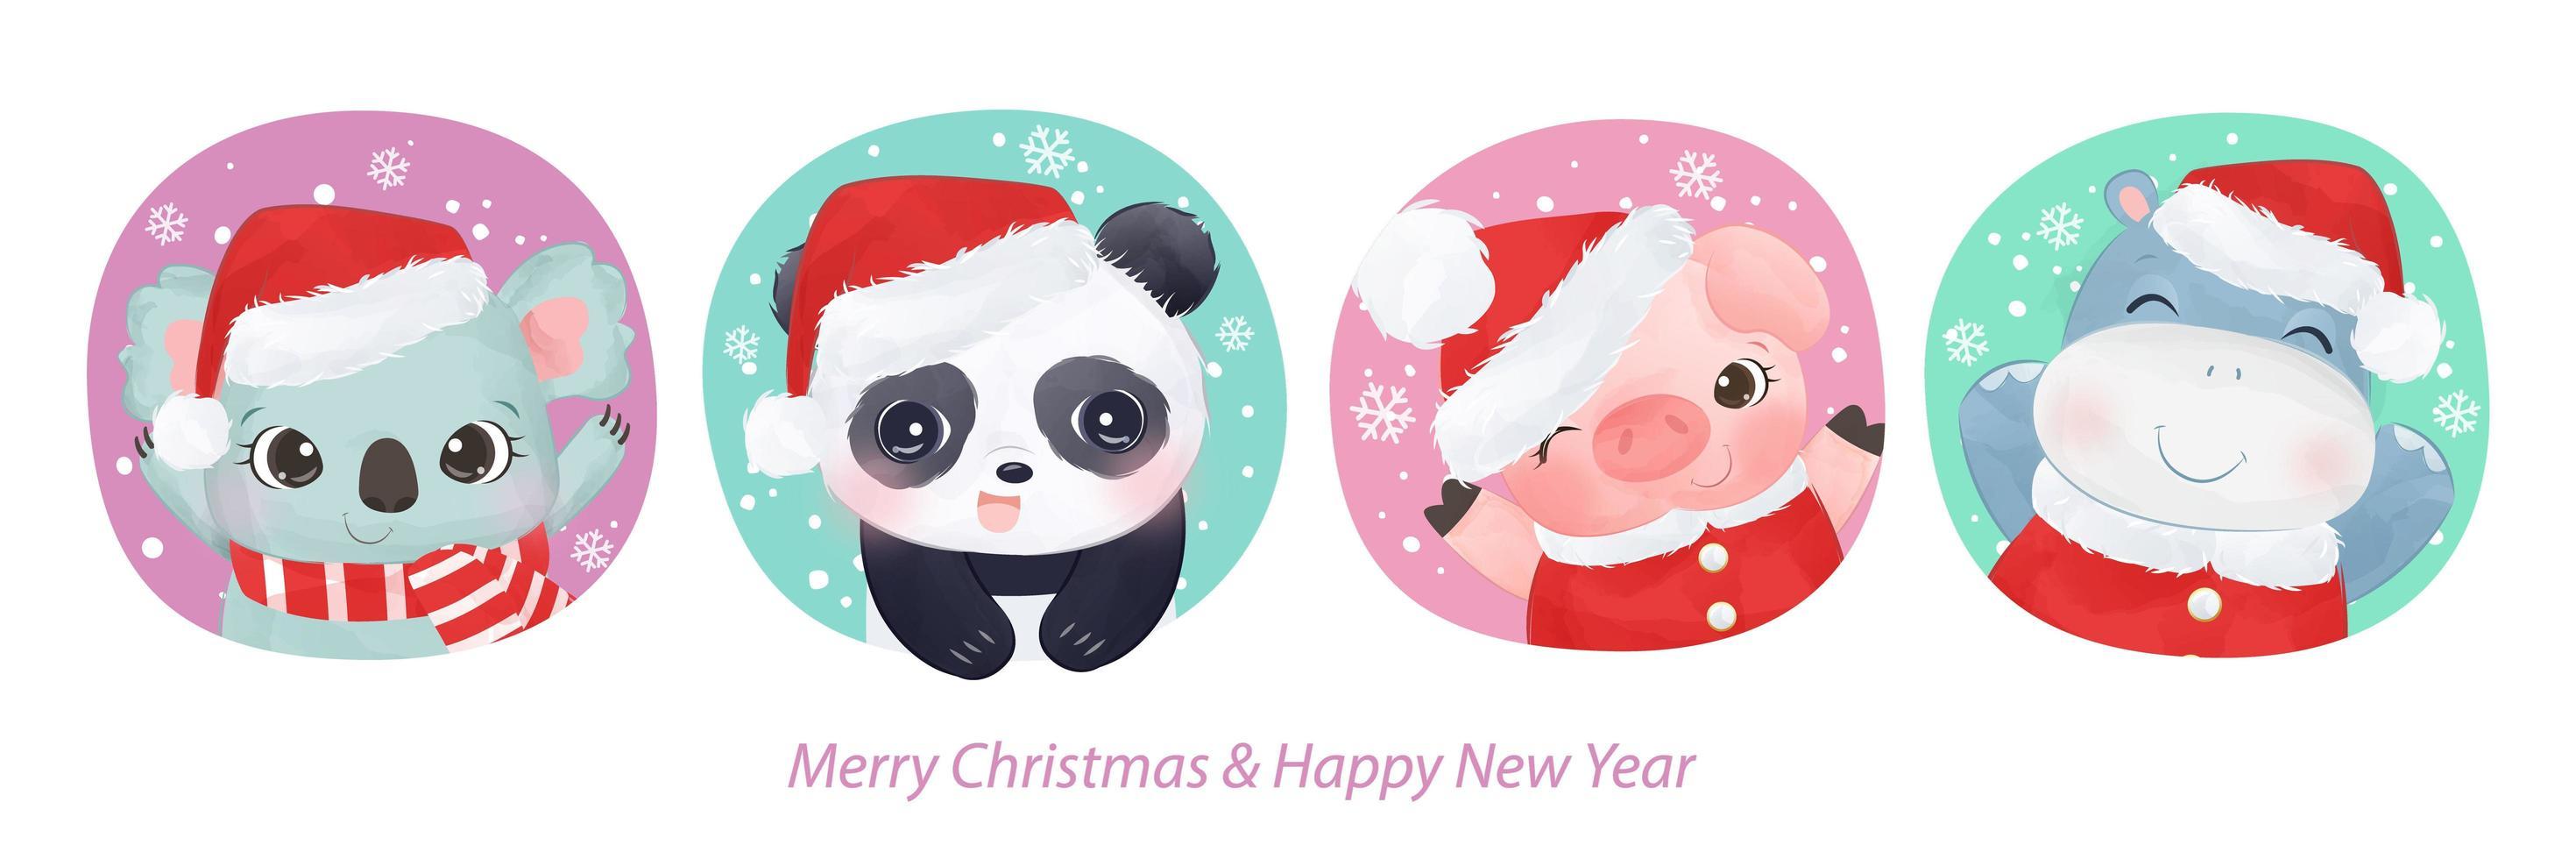 kerst wenskaart met schattige dieren vector